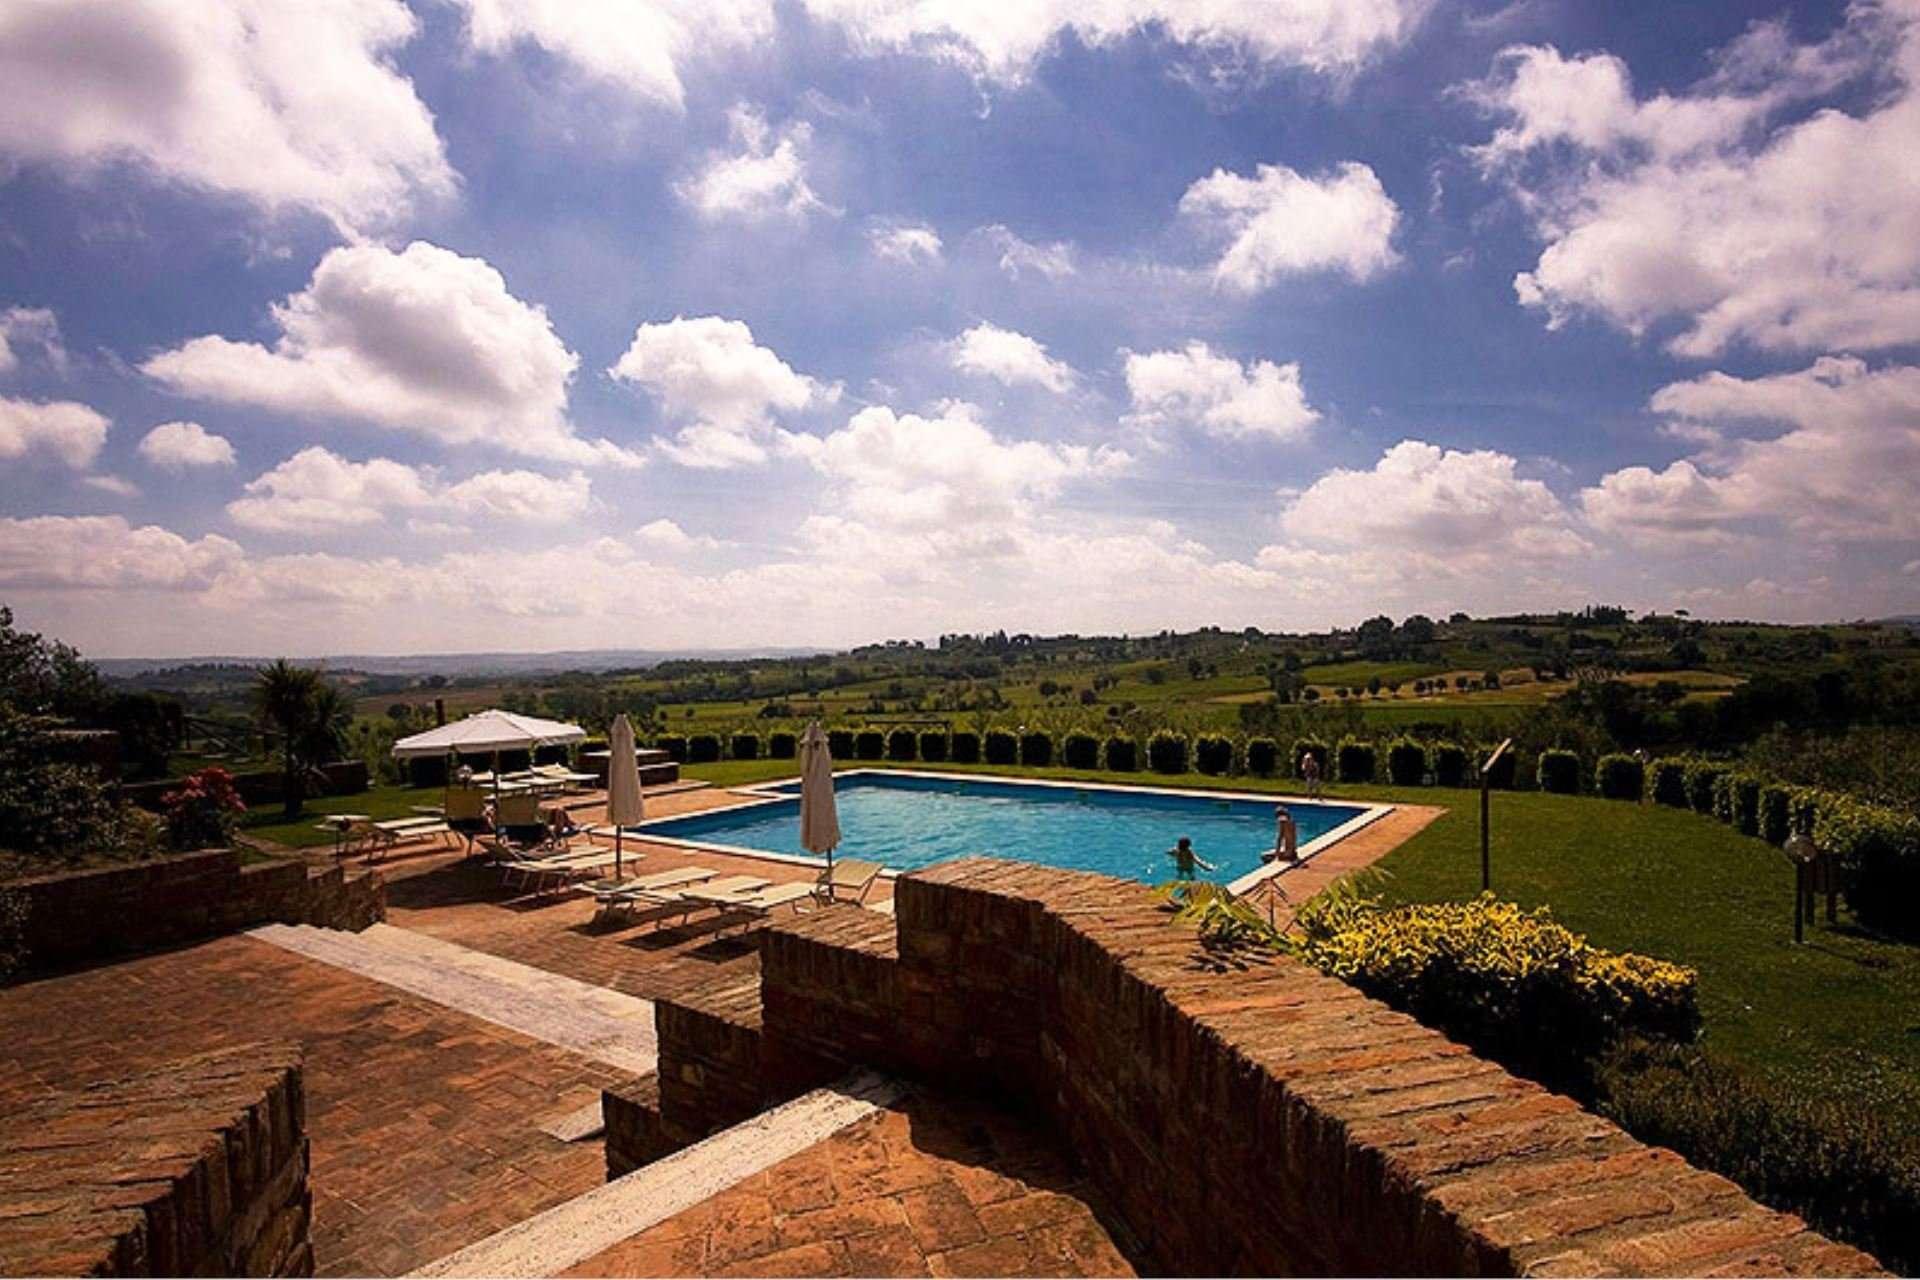 sanguineto - zwembad en uitzicht